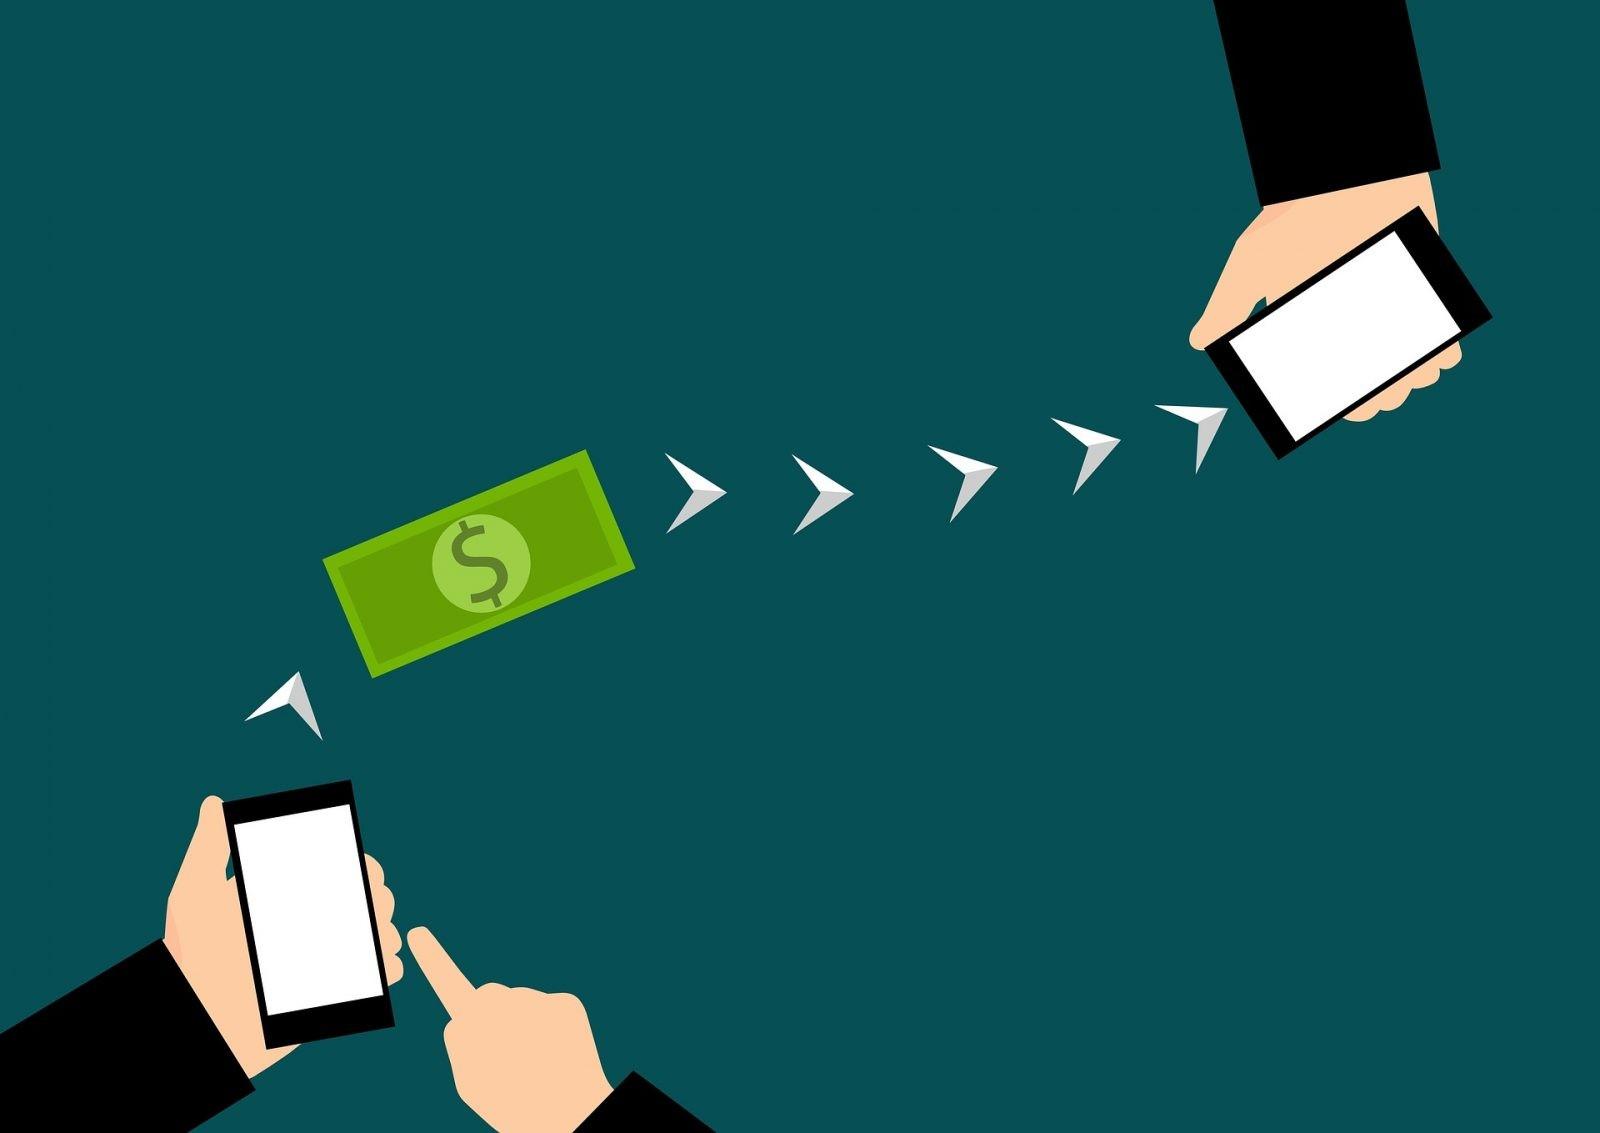 Paypal Integration in PHP zur einfachen Online Bezahlung (Bild von mohamed Hassan auf Pixabay )